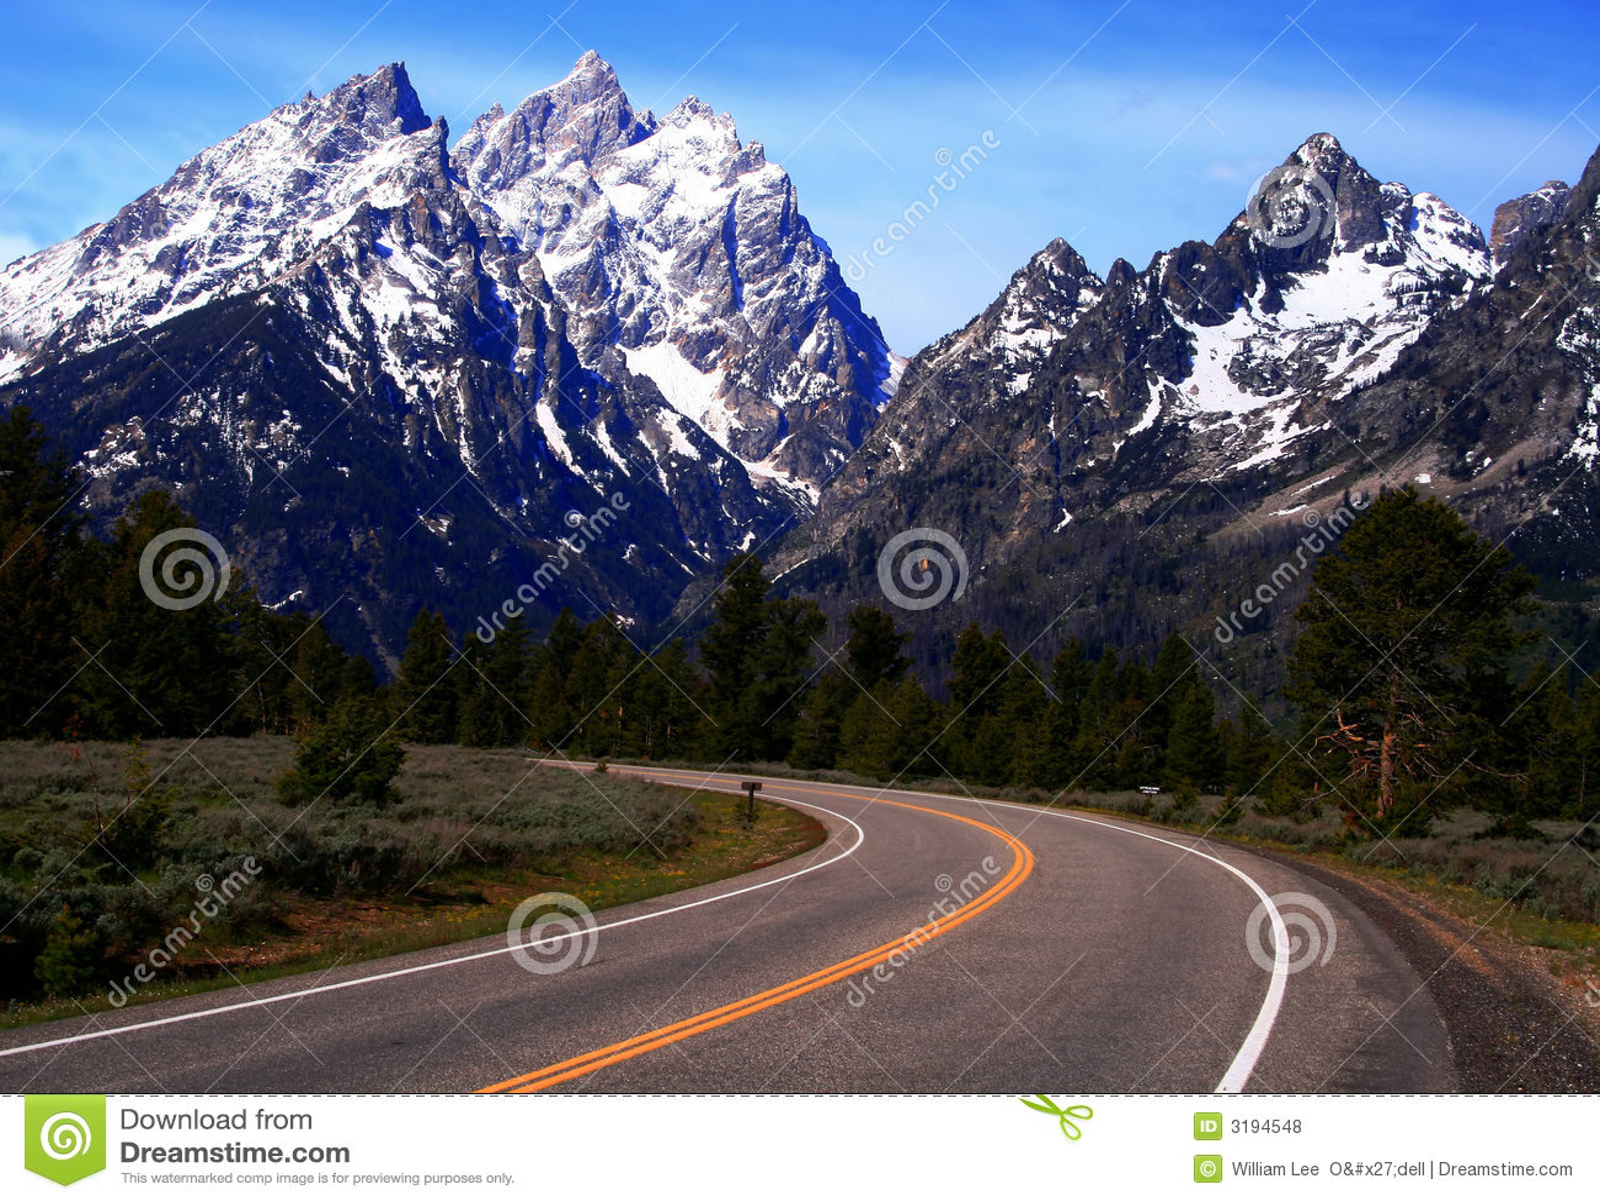 Road To The Teton s 2